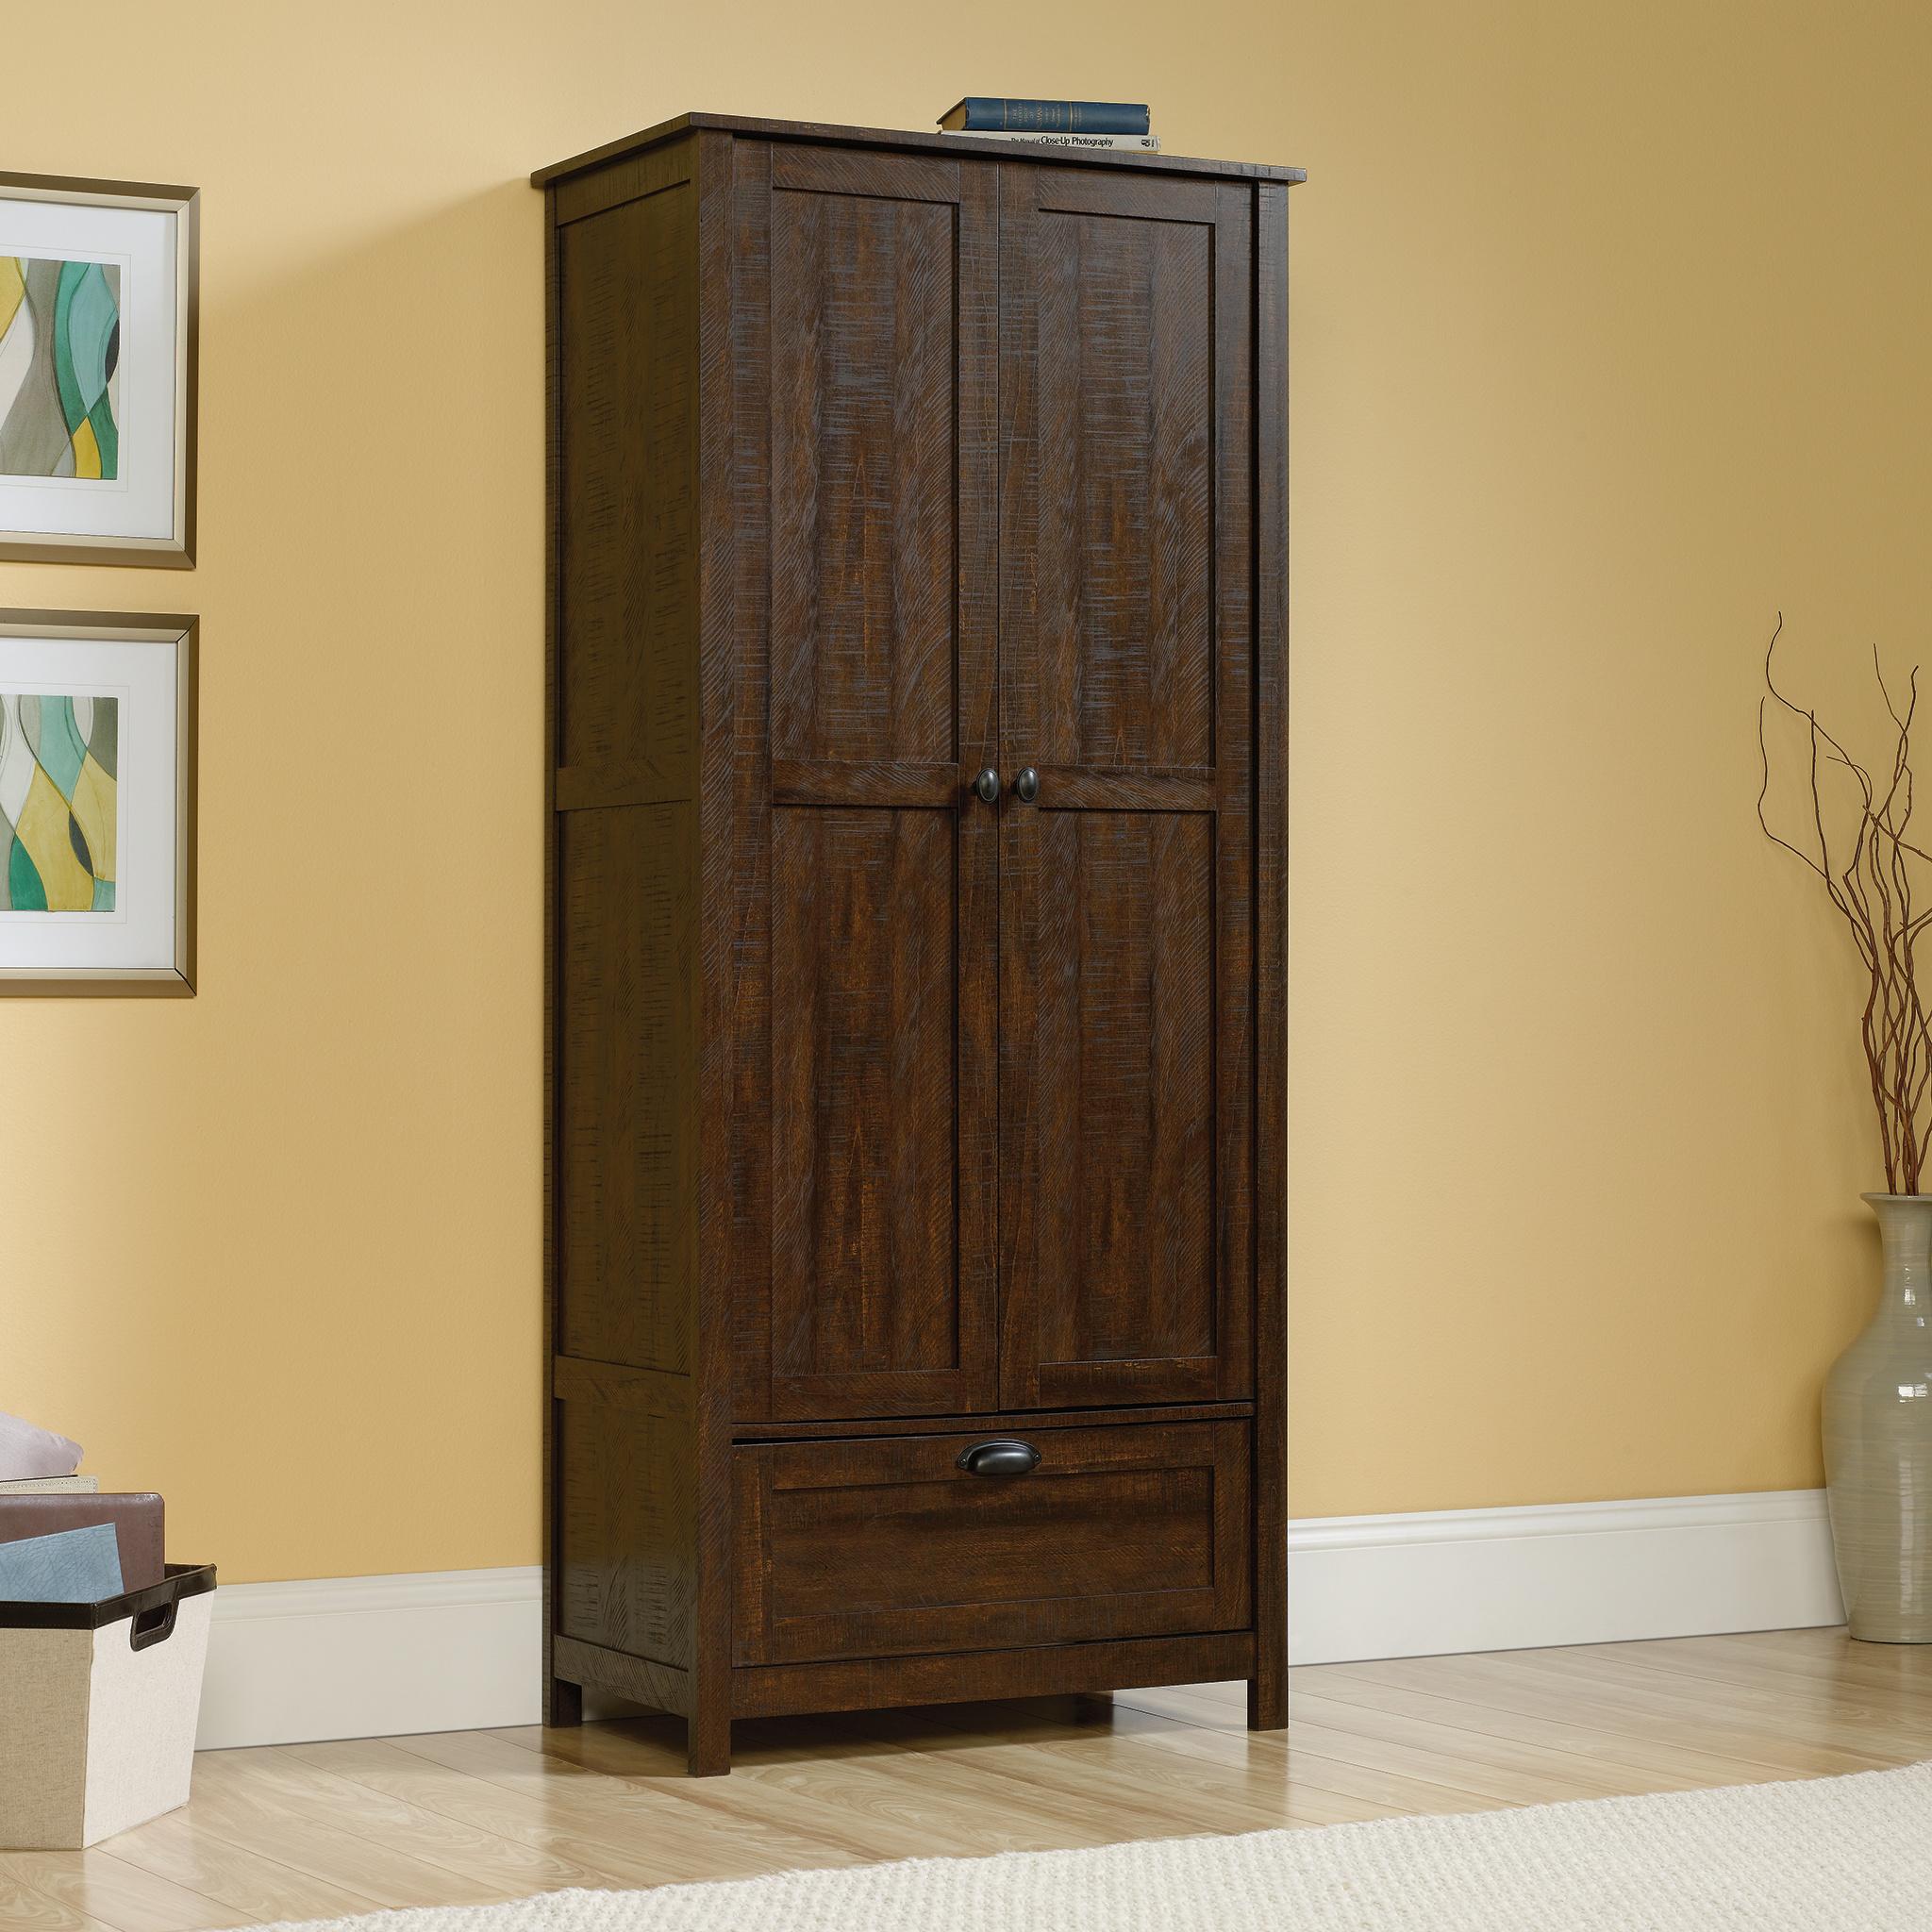 Sauder Storage Cabinet (419869)